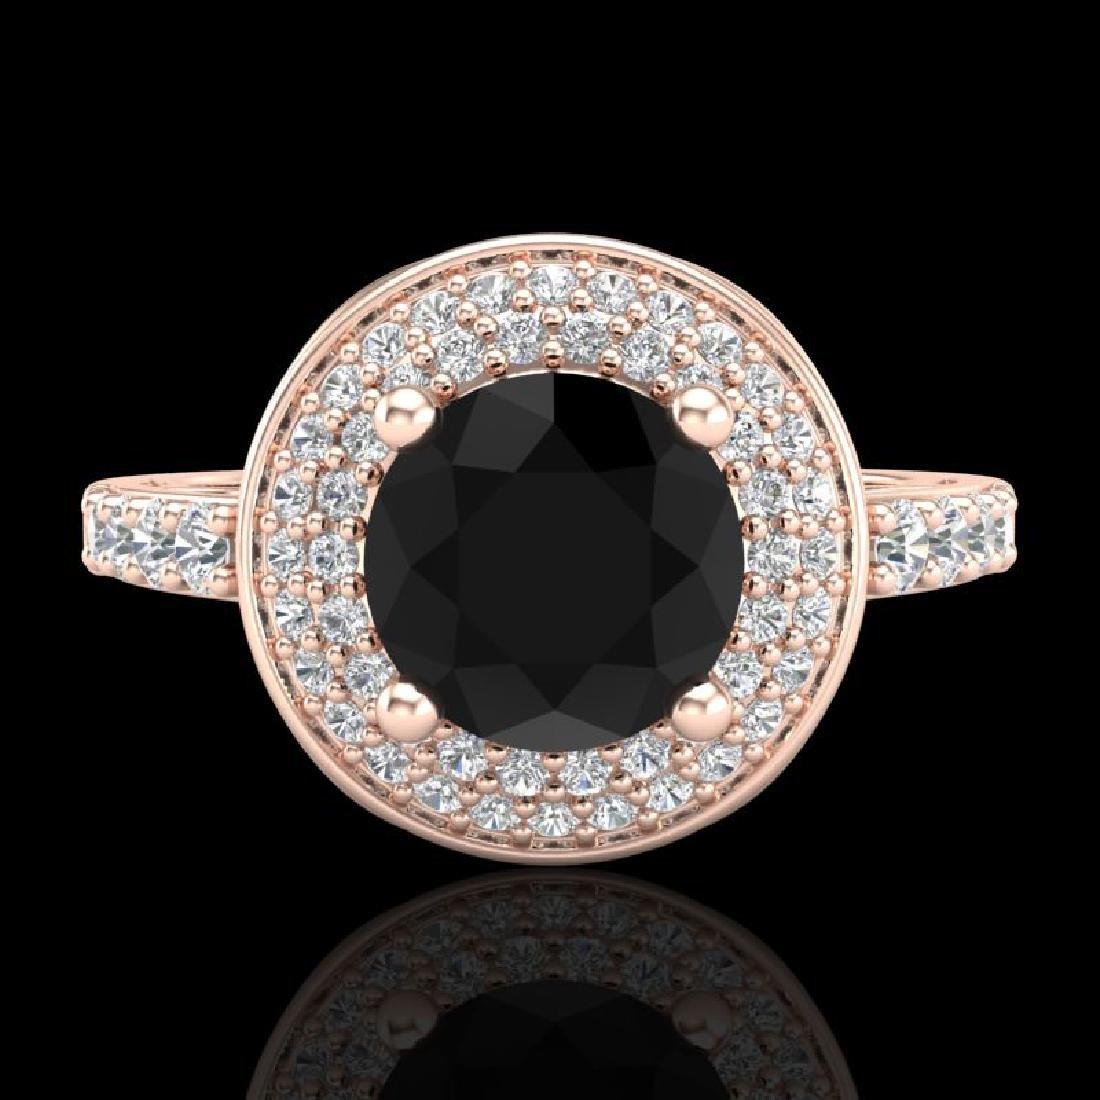 1.7 CTW Fancy Black Diamond Solitaire Engagement Art - 2